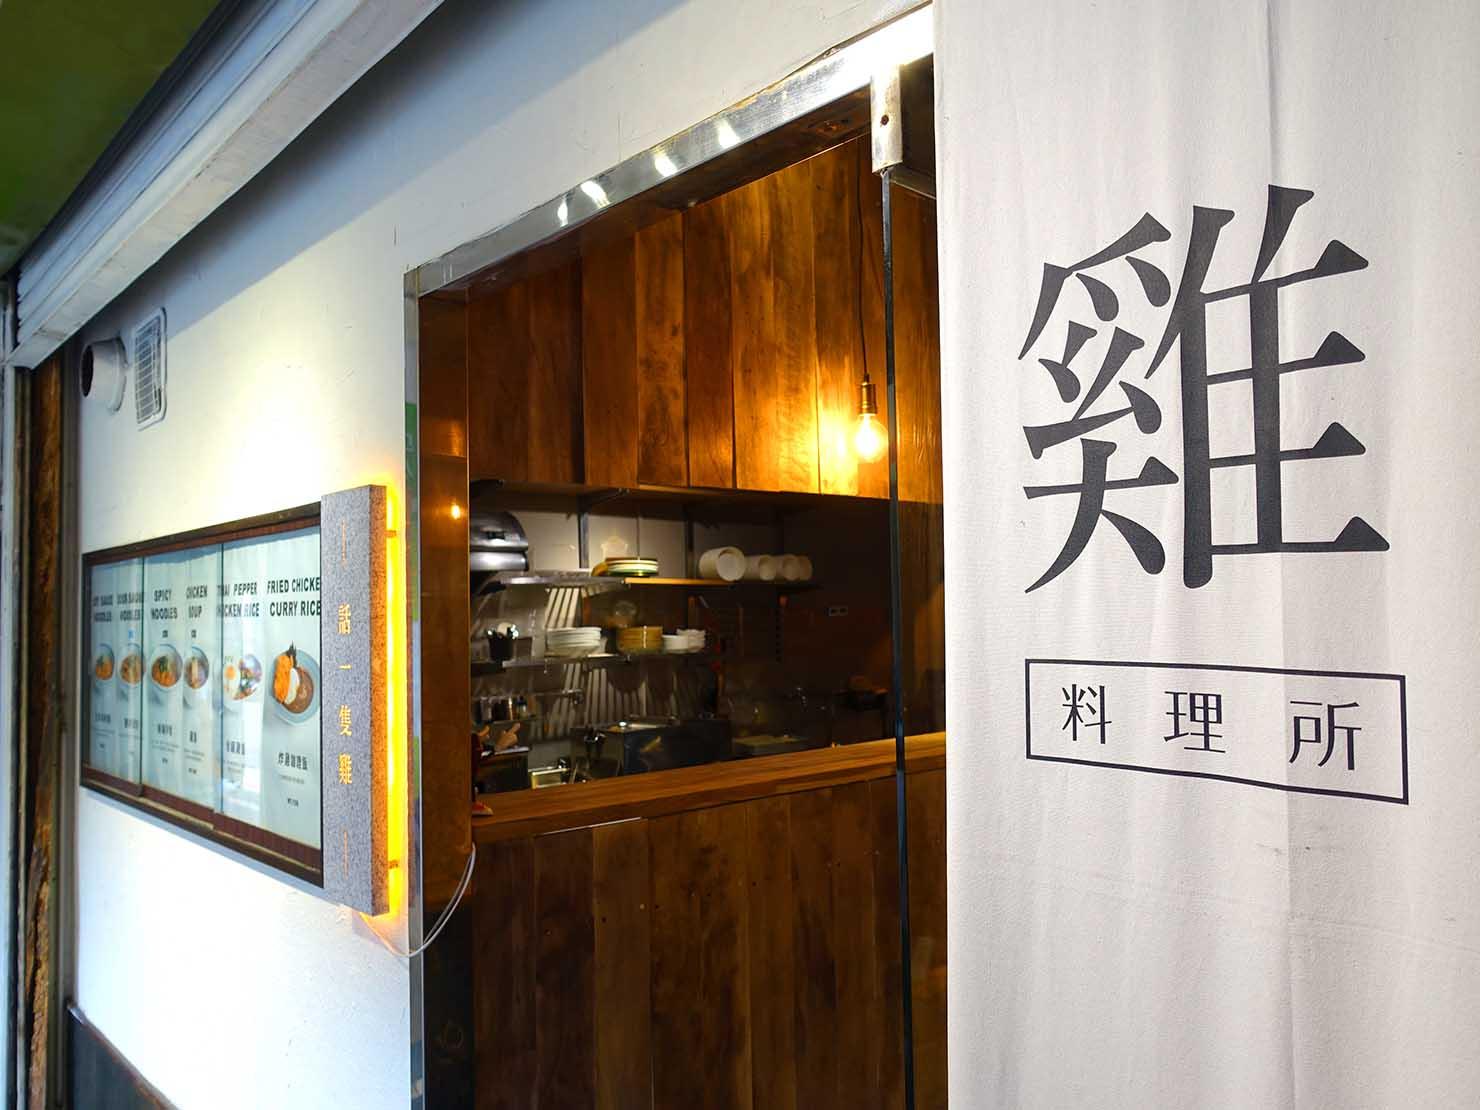 台北駅前エリア(前站)のおすすめグルメ店「話一隻雞」の外観